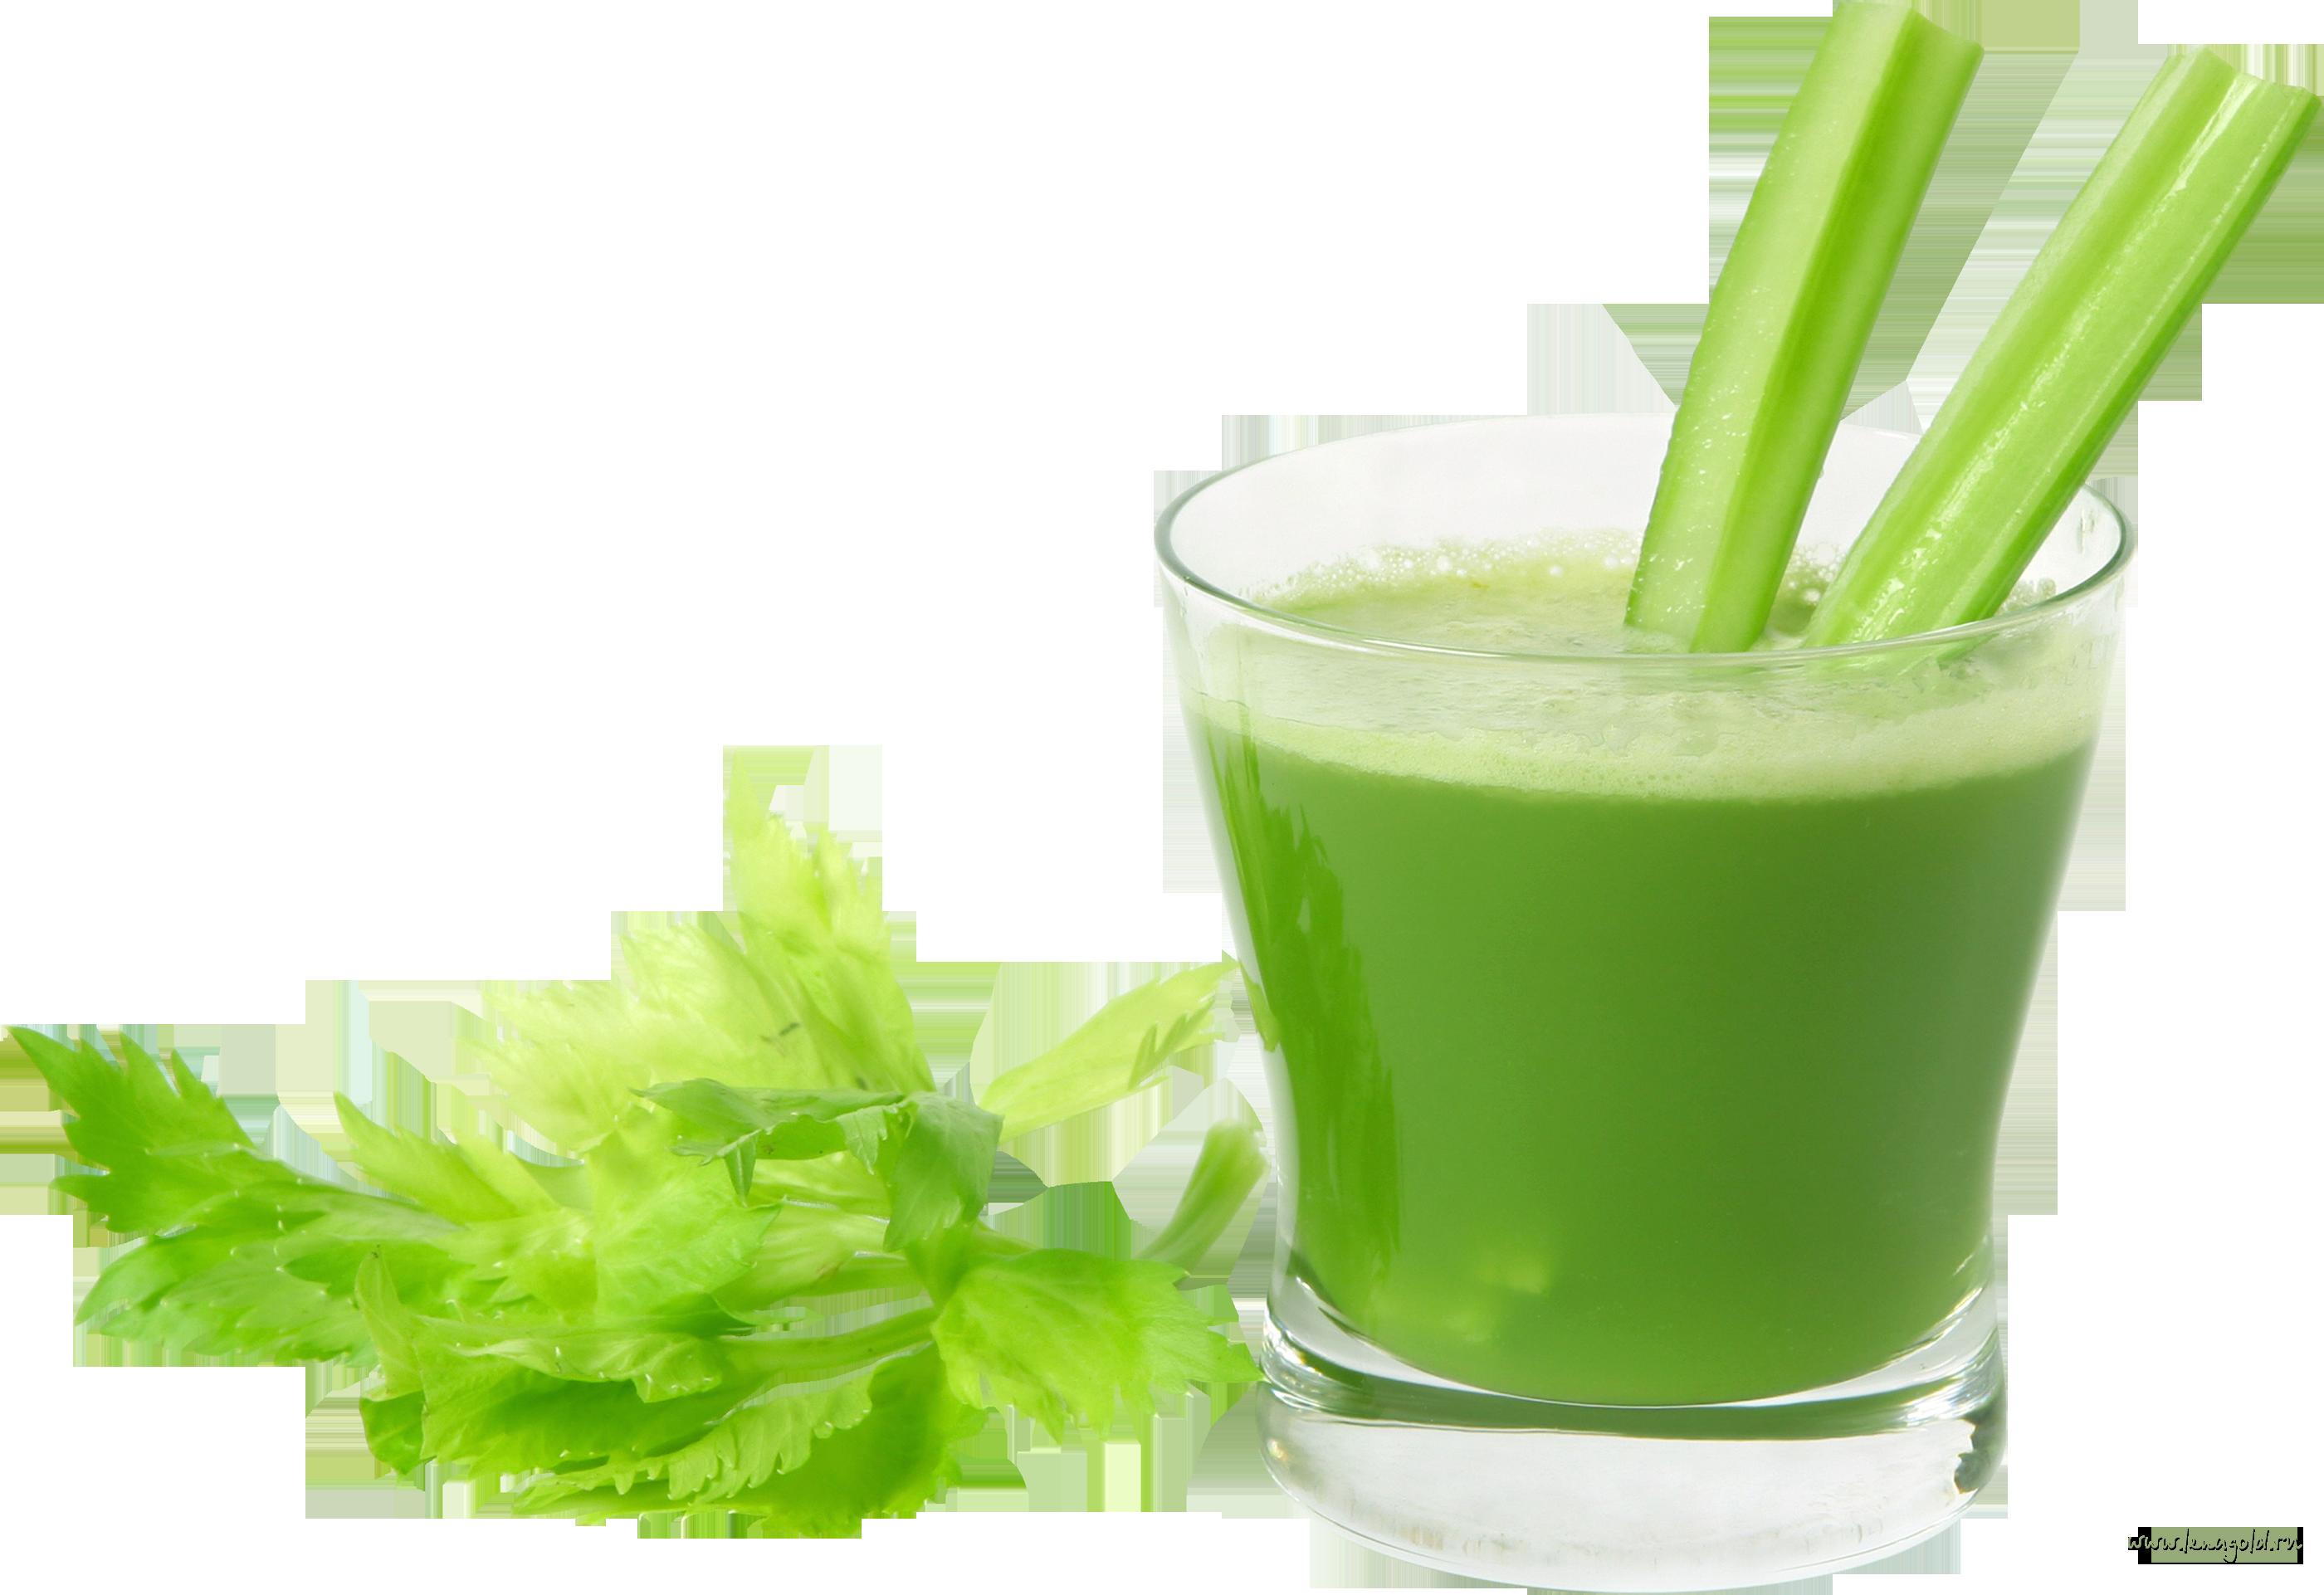 Сок из сельдерея: польза и вред, как принимать